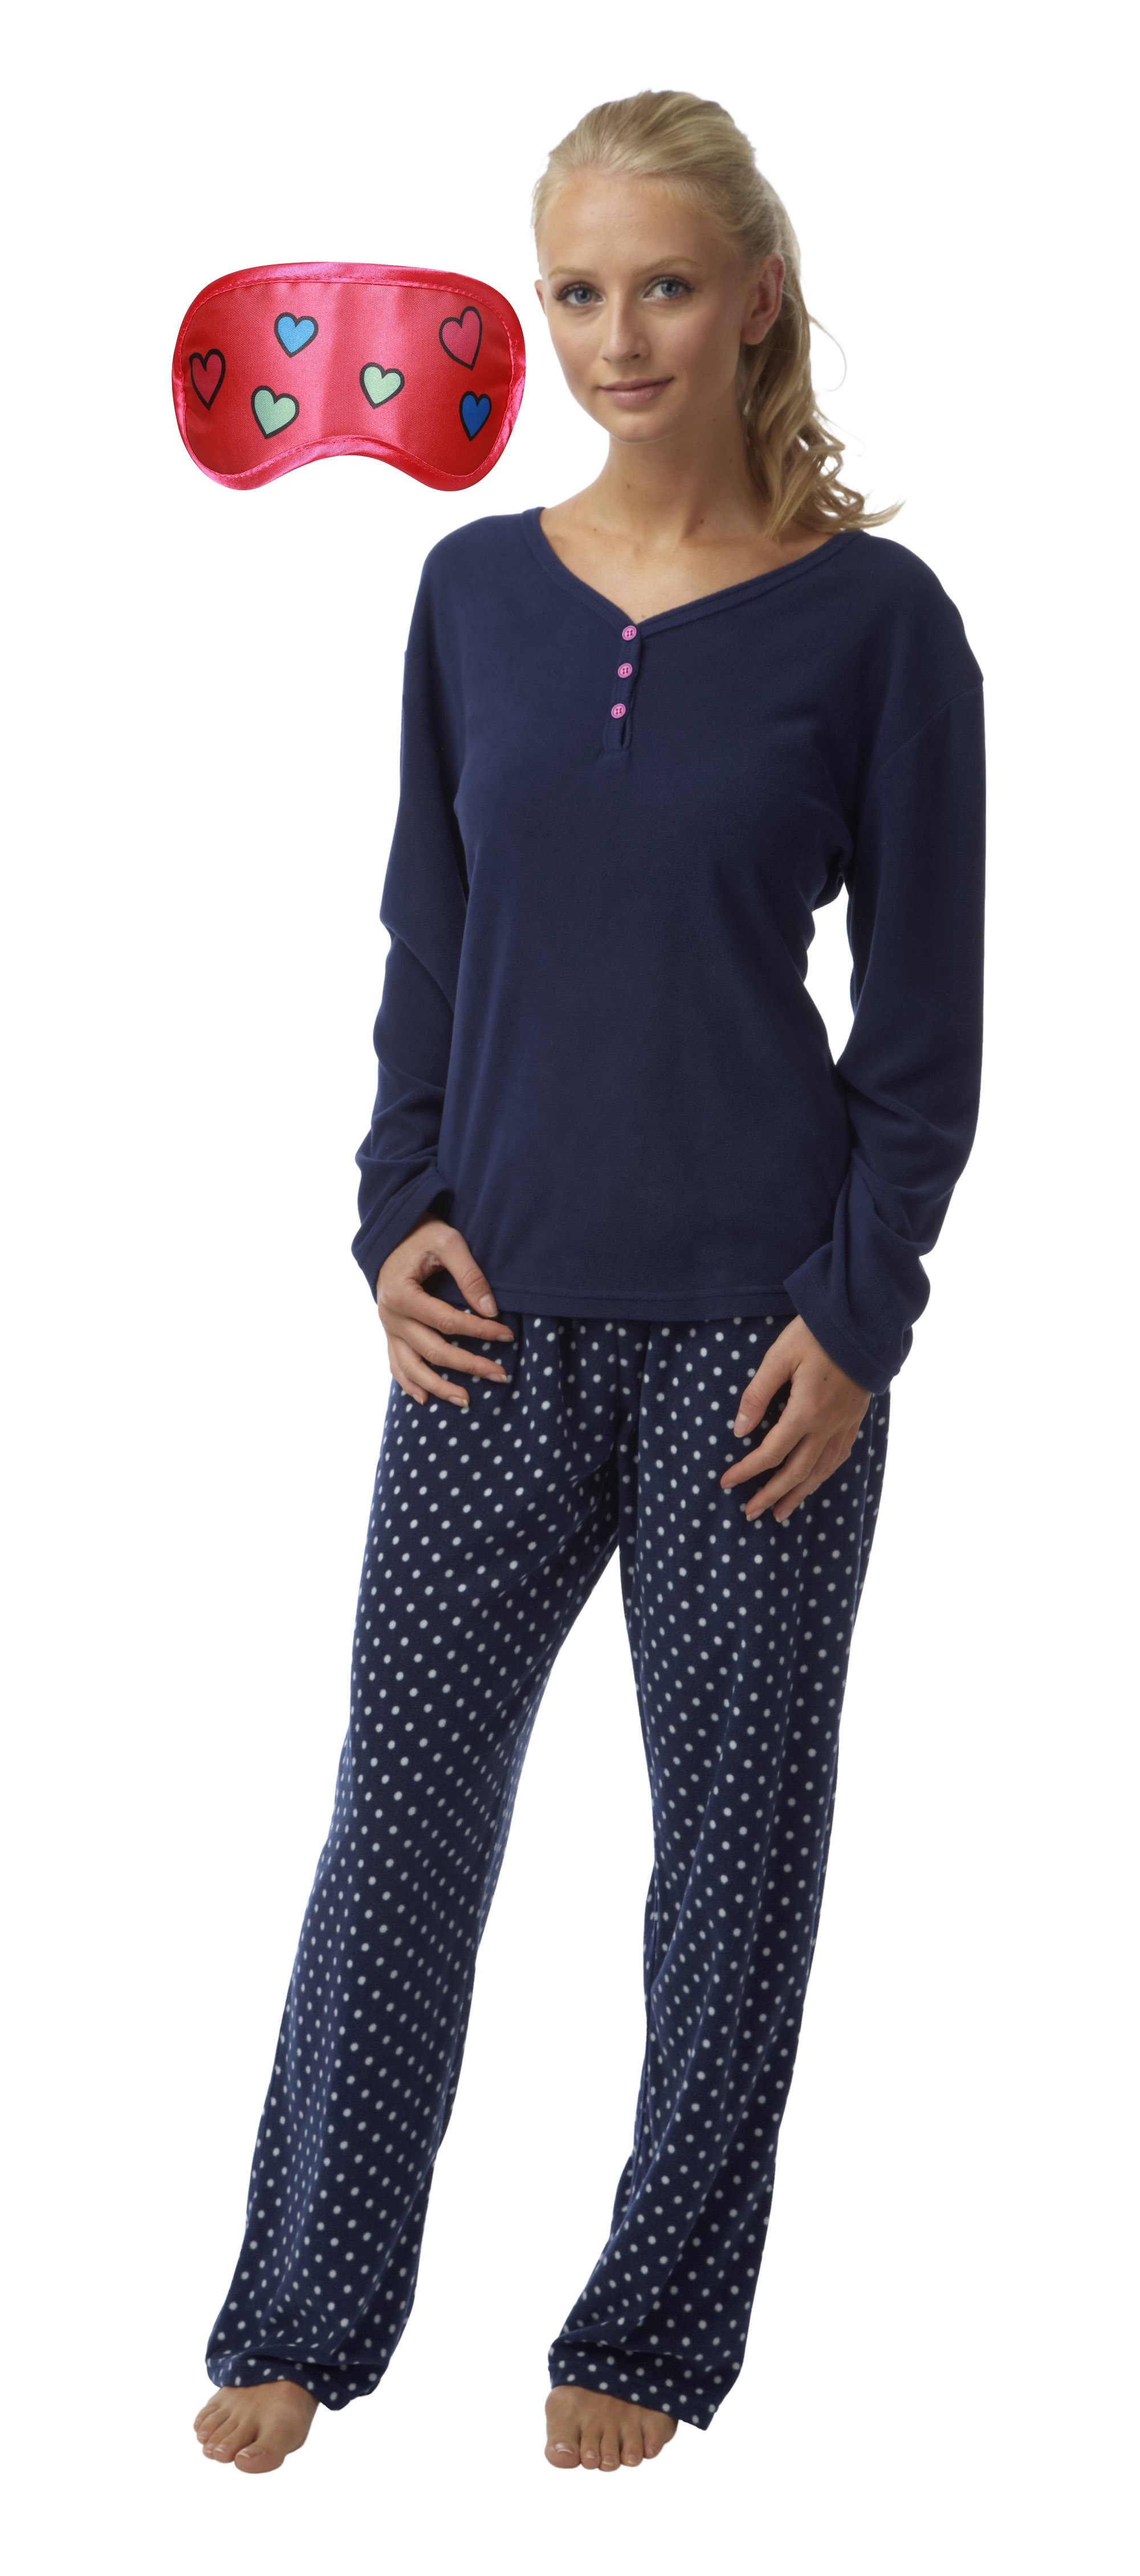 femmes chaud confortable polaire longue lapin pyjama libre masque yeux avec certains designs ebay. Black Bedroom Furniture Sets. Home Design Ideas